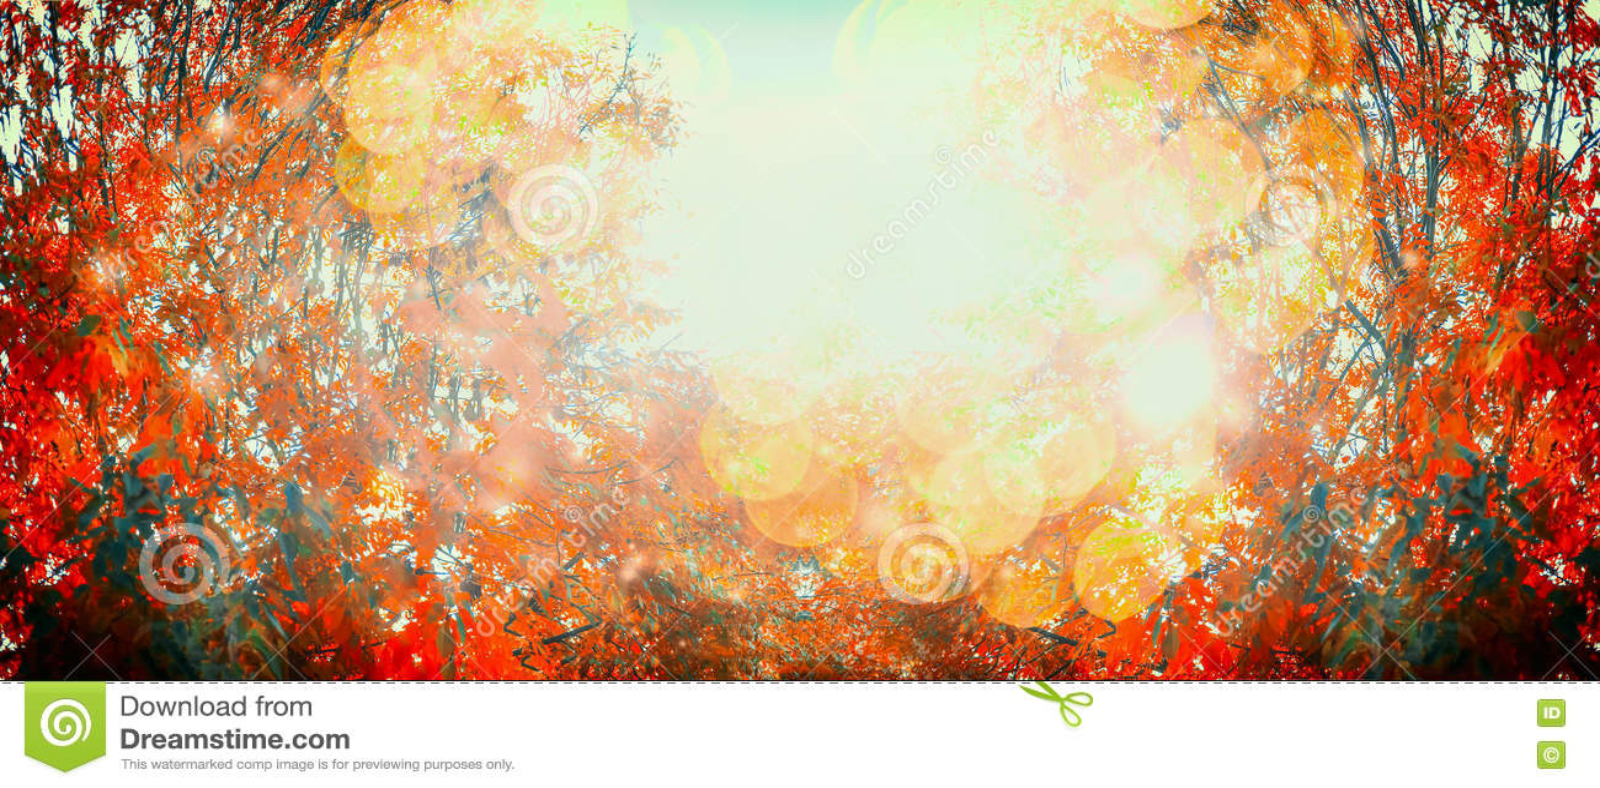 Όμορφη ημέρα φθινοπώρου με το κόκκινο φύλλωμα πτώσης και το φως του ήλιου, υπαίθριο υπόβαθρο φύσης, έμβλημα